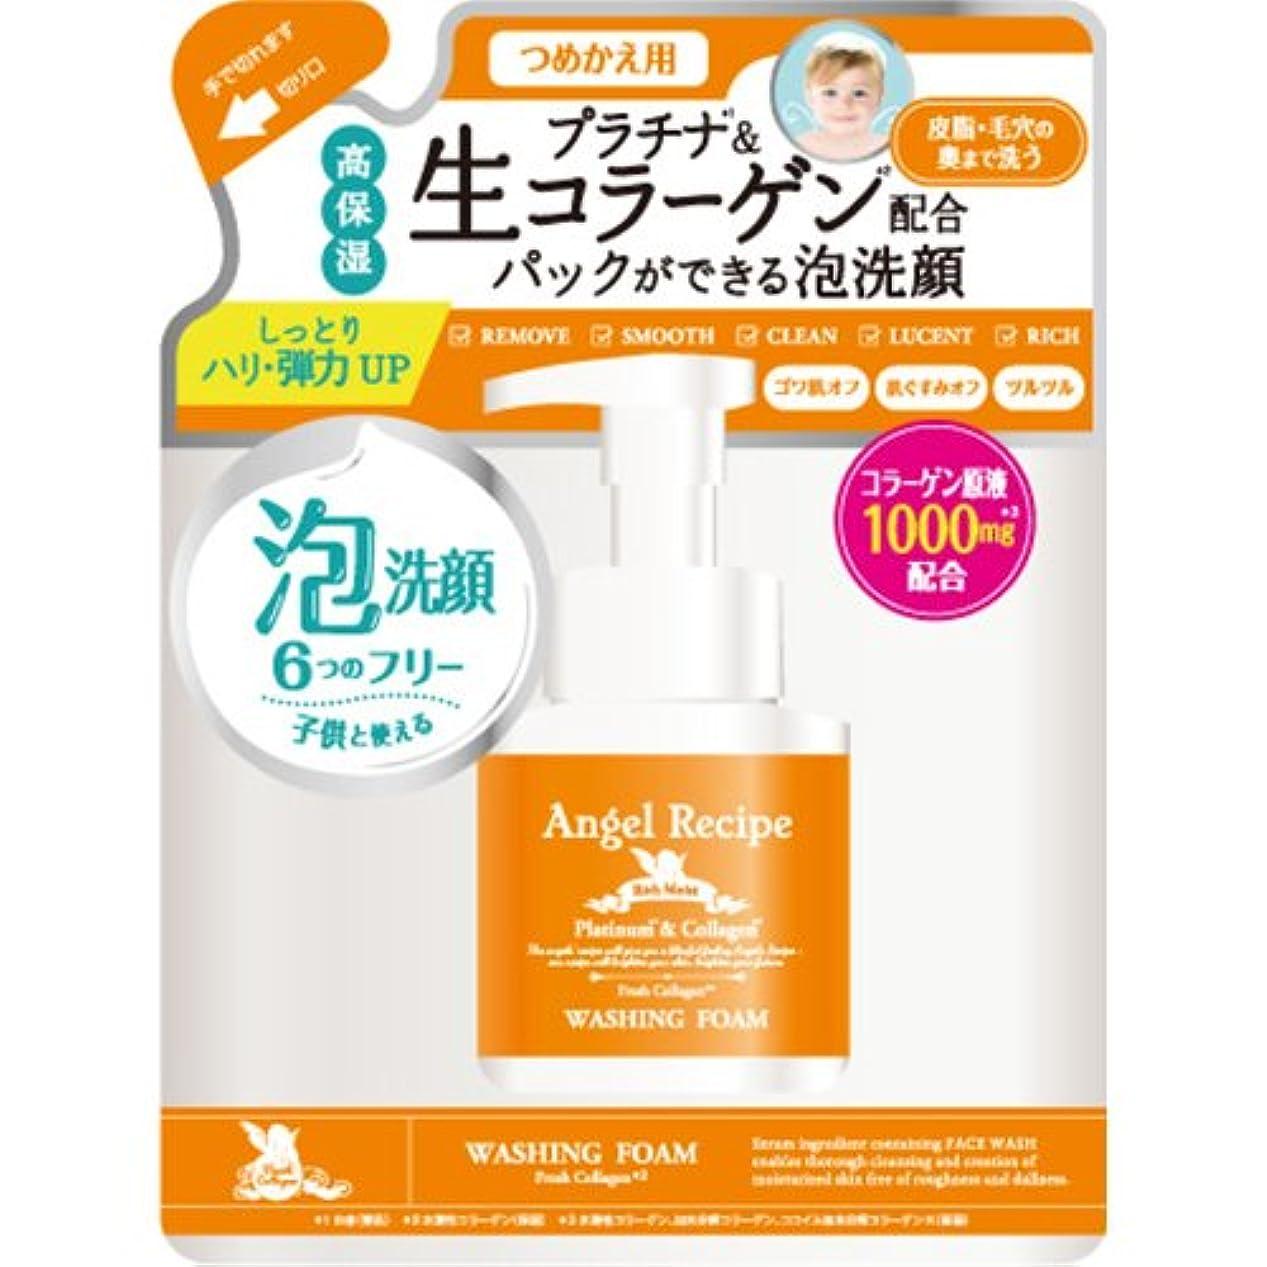 増幅する振動させる発見AngelRecipe エンジェルレシピ リッチモイスト 泡洗顔 詰替え 130ml